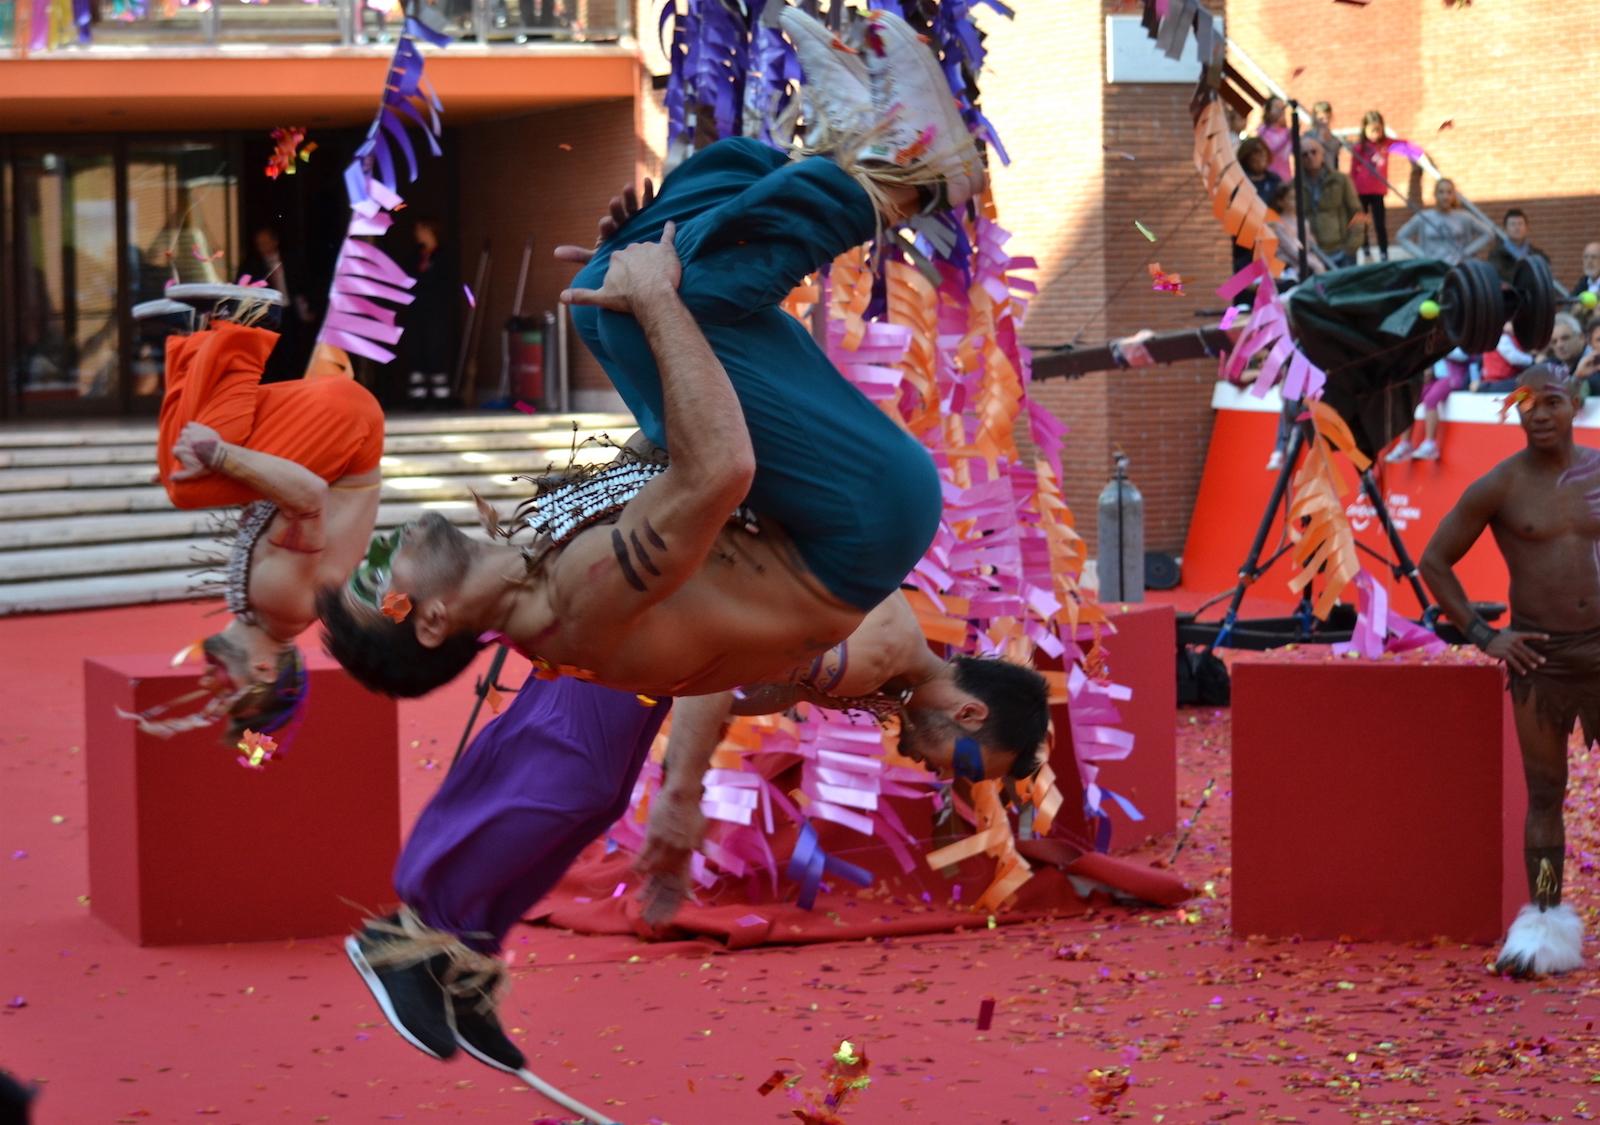 Roma2015: acrobazie e colori sul red carpet di Pan - Viaggio sull'isola che non c'è